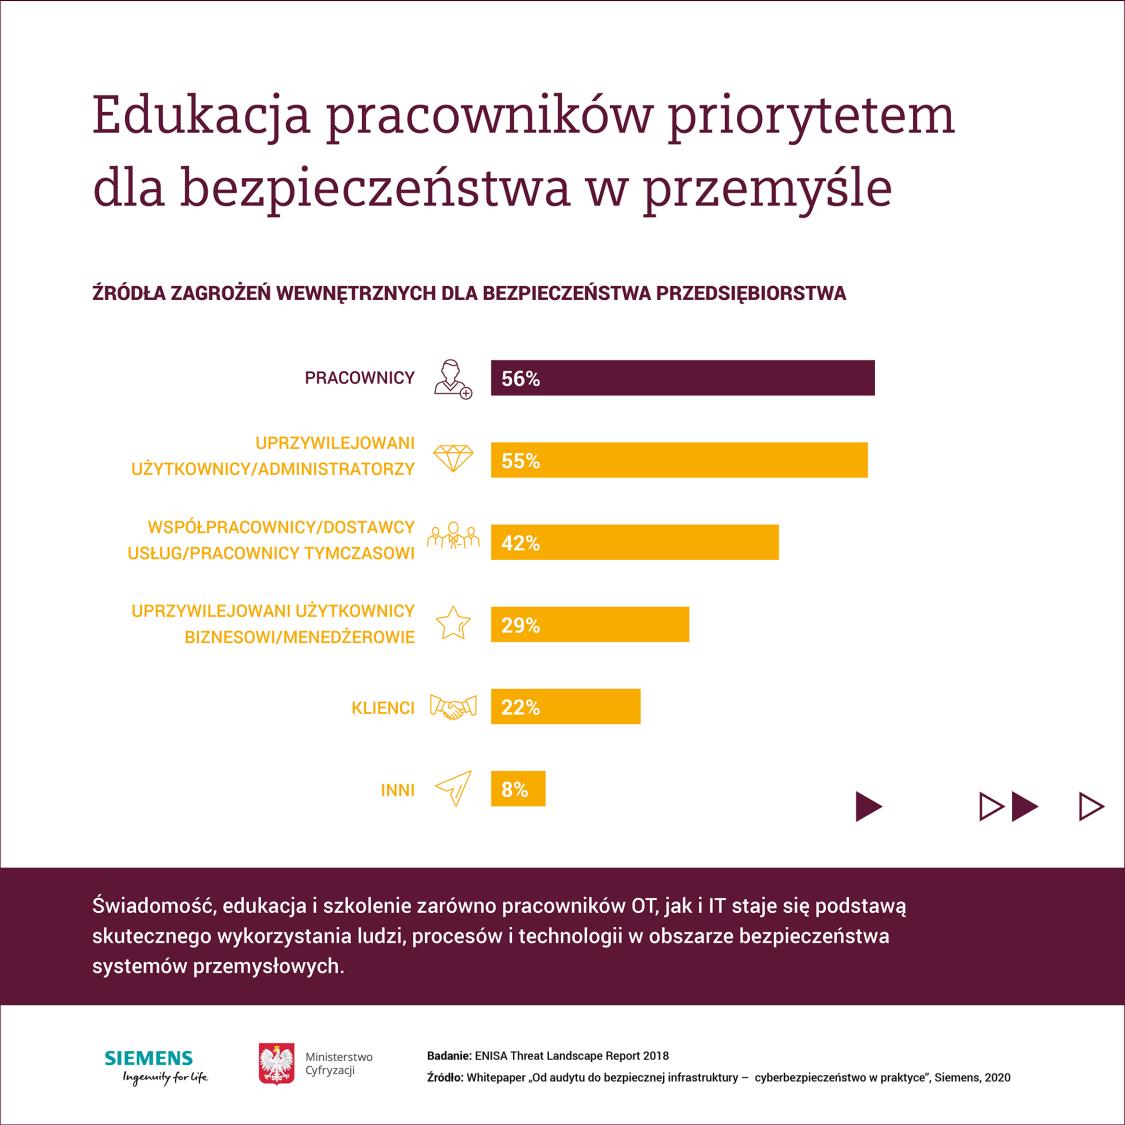 siemens polska - whitepaper - cyberbezpieczeństwo